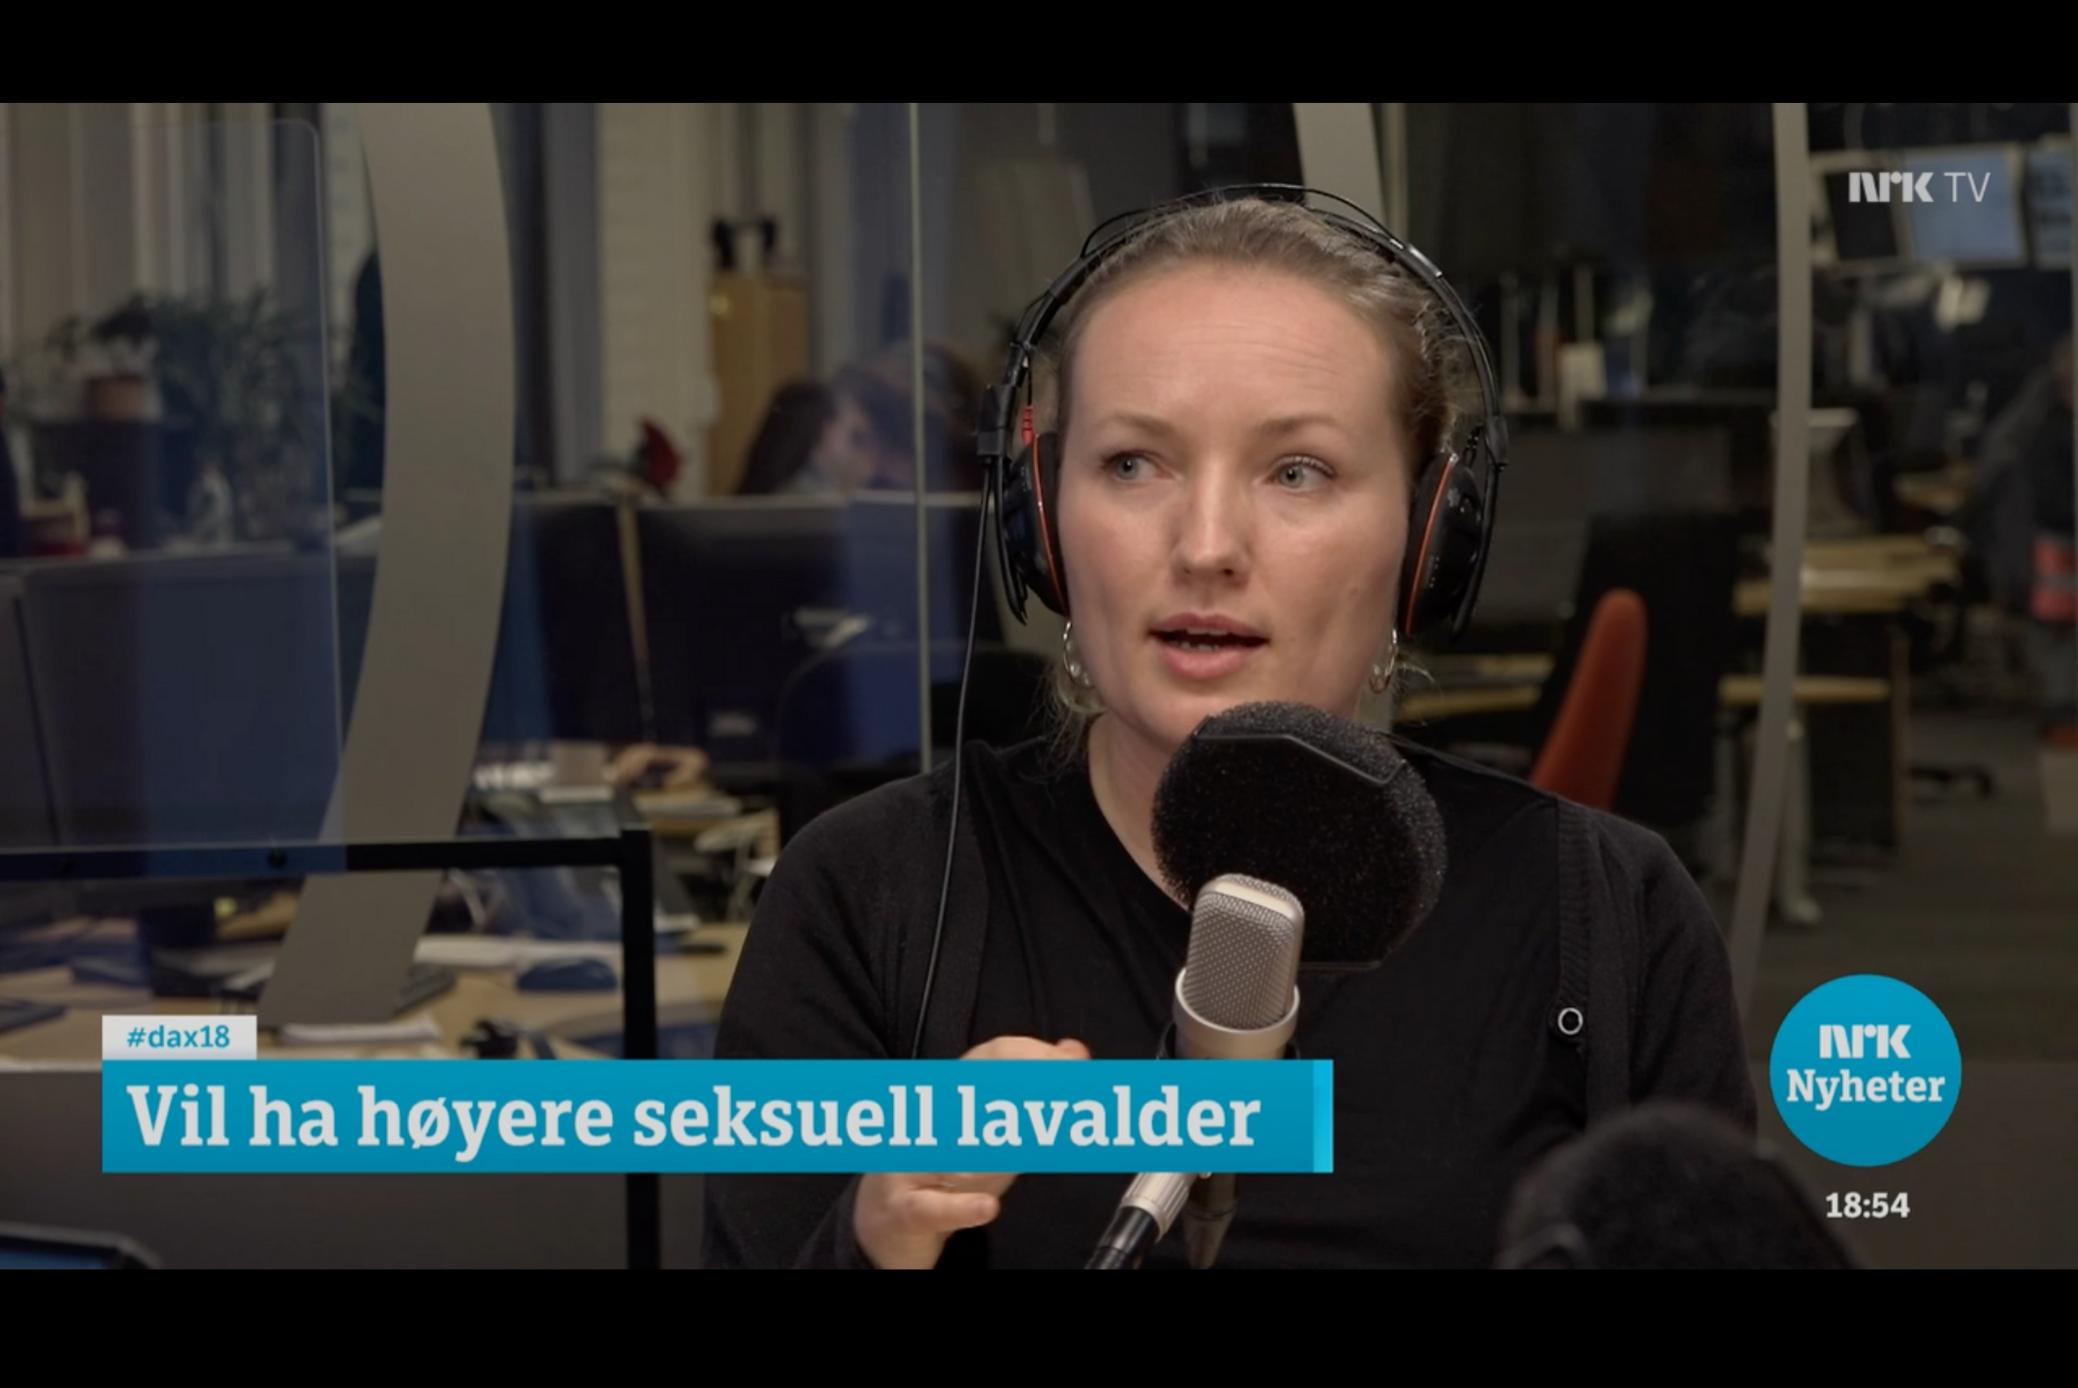 Dagsnytt 18: Vil ha høyere seksuell lavalder